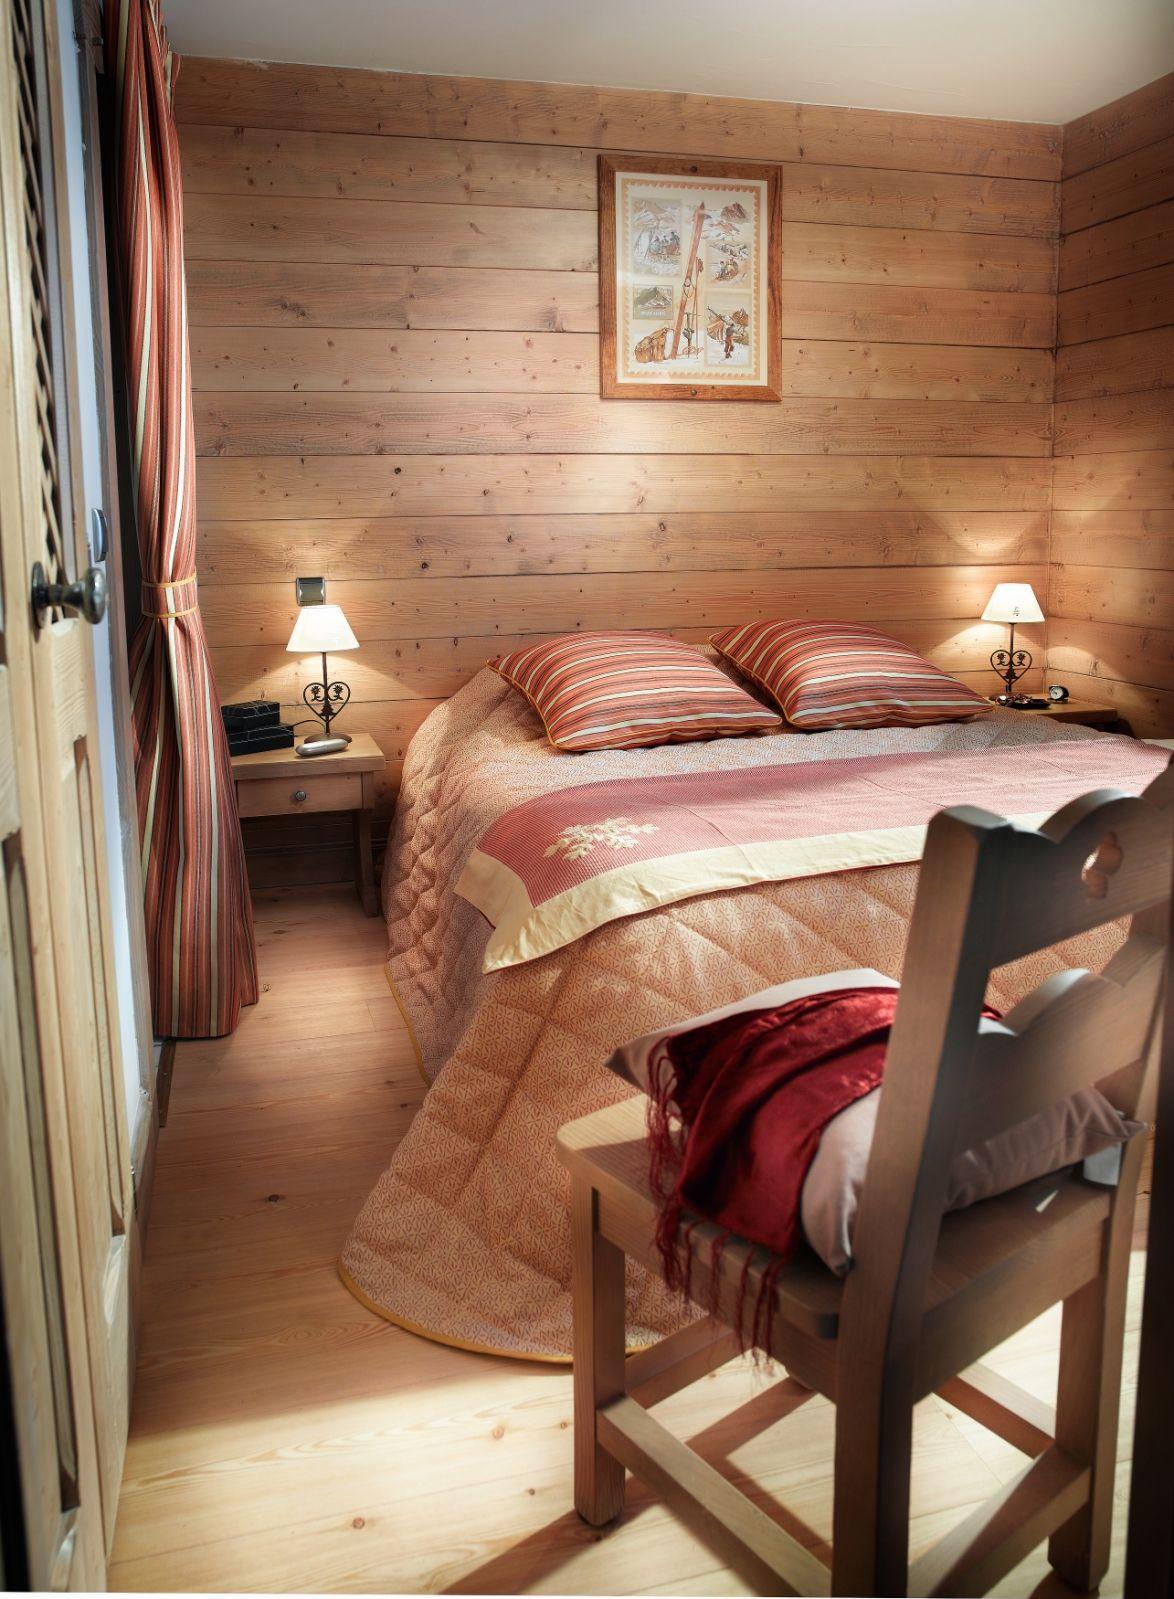 Chambre chalet en bois. Décoration typique savoyarde